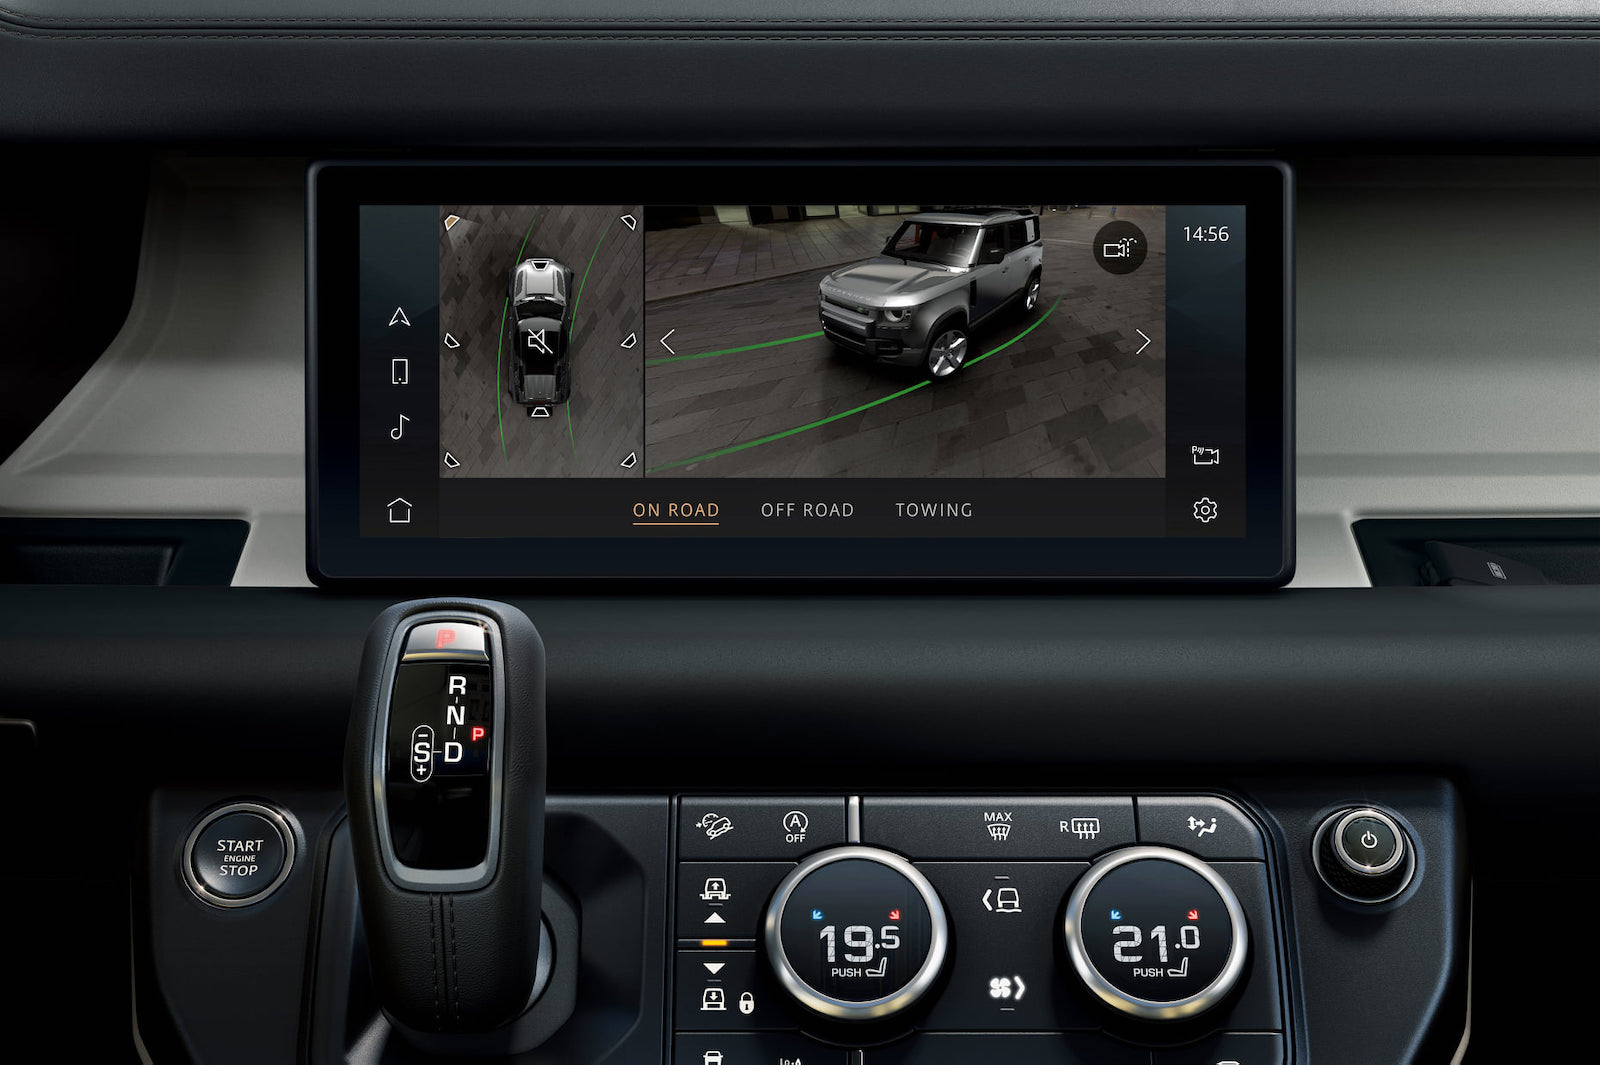 360 度 3D 環景顯影系統,讓駕駛者輕鬆掌握車輛周圍的環境狀況。